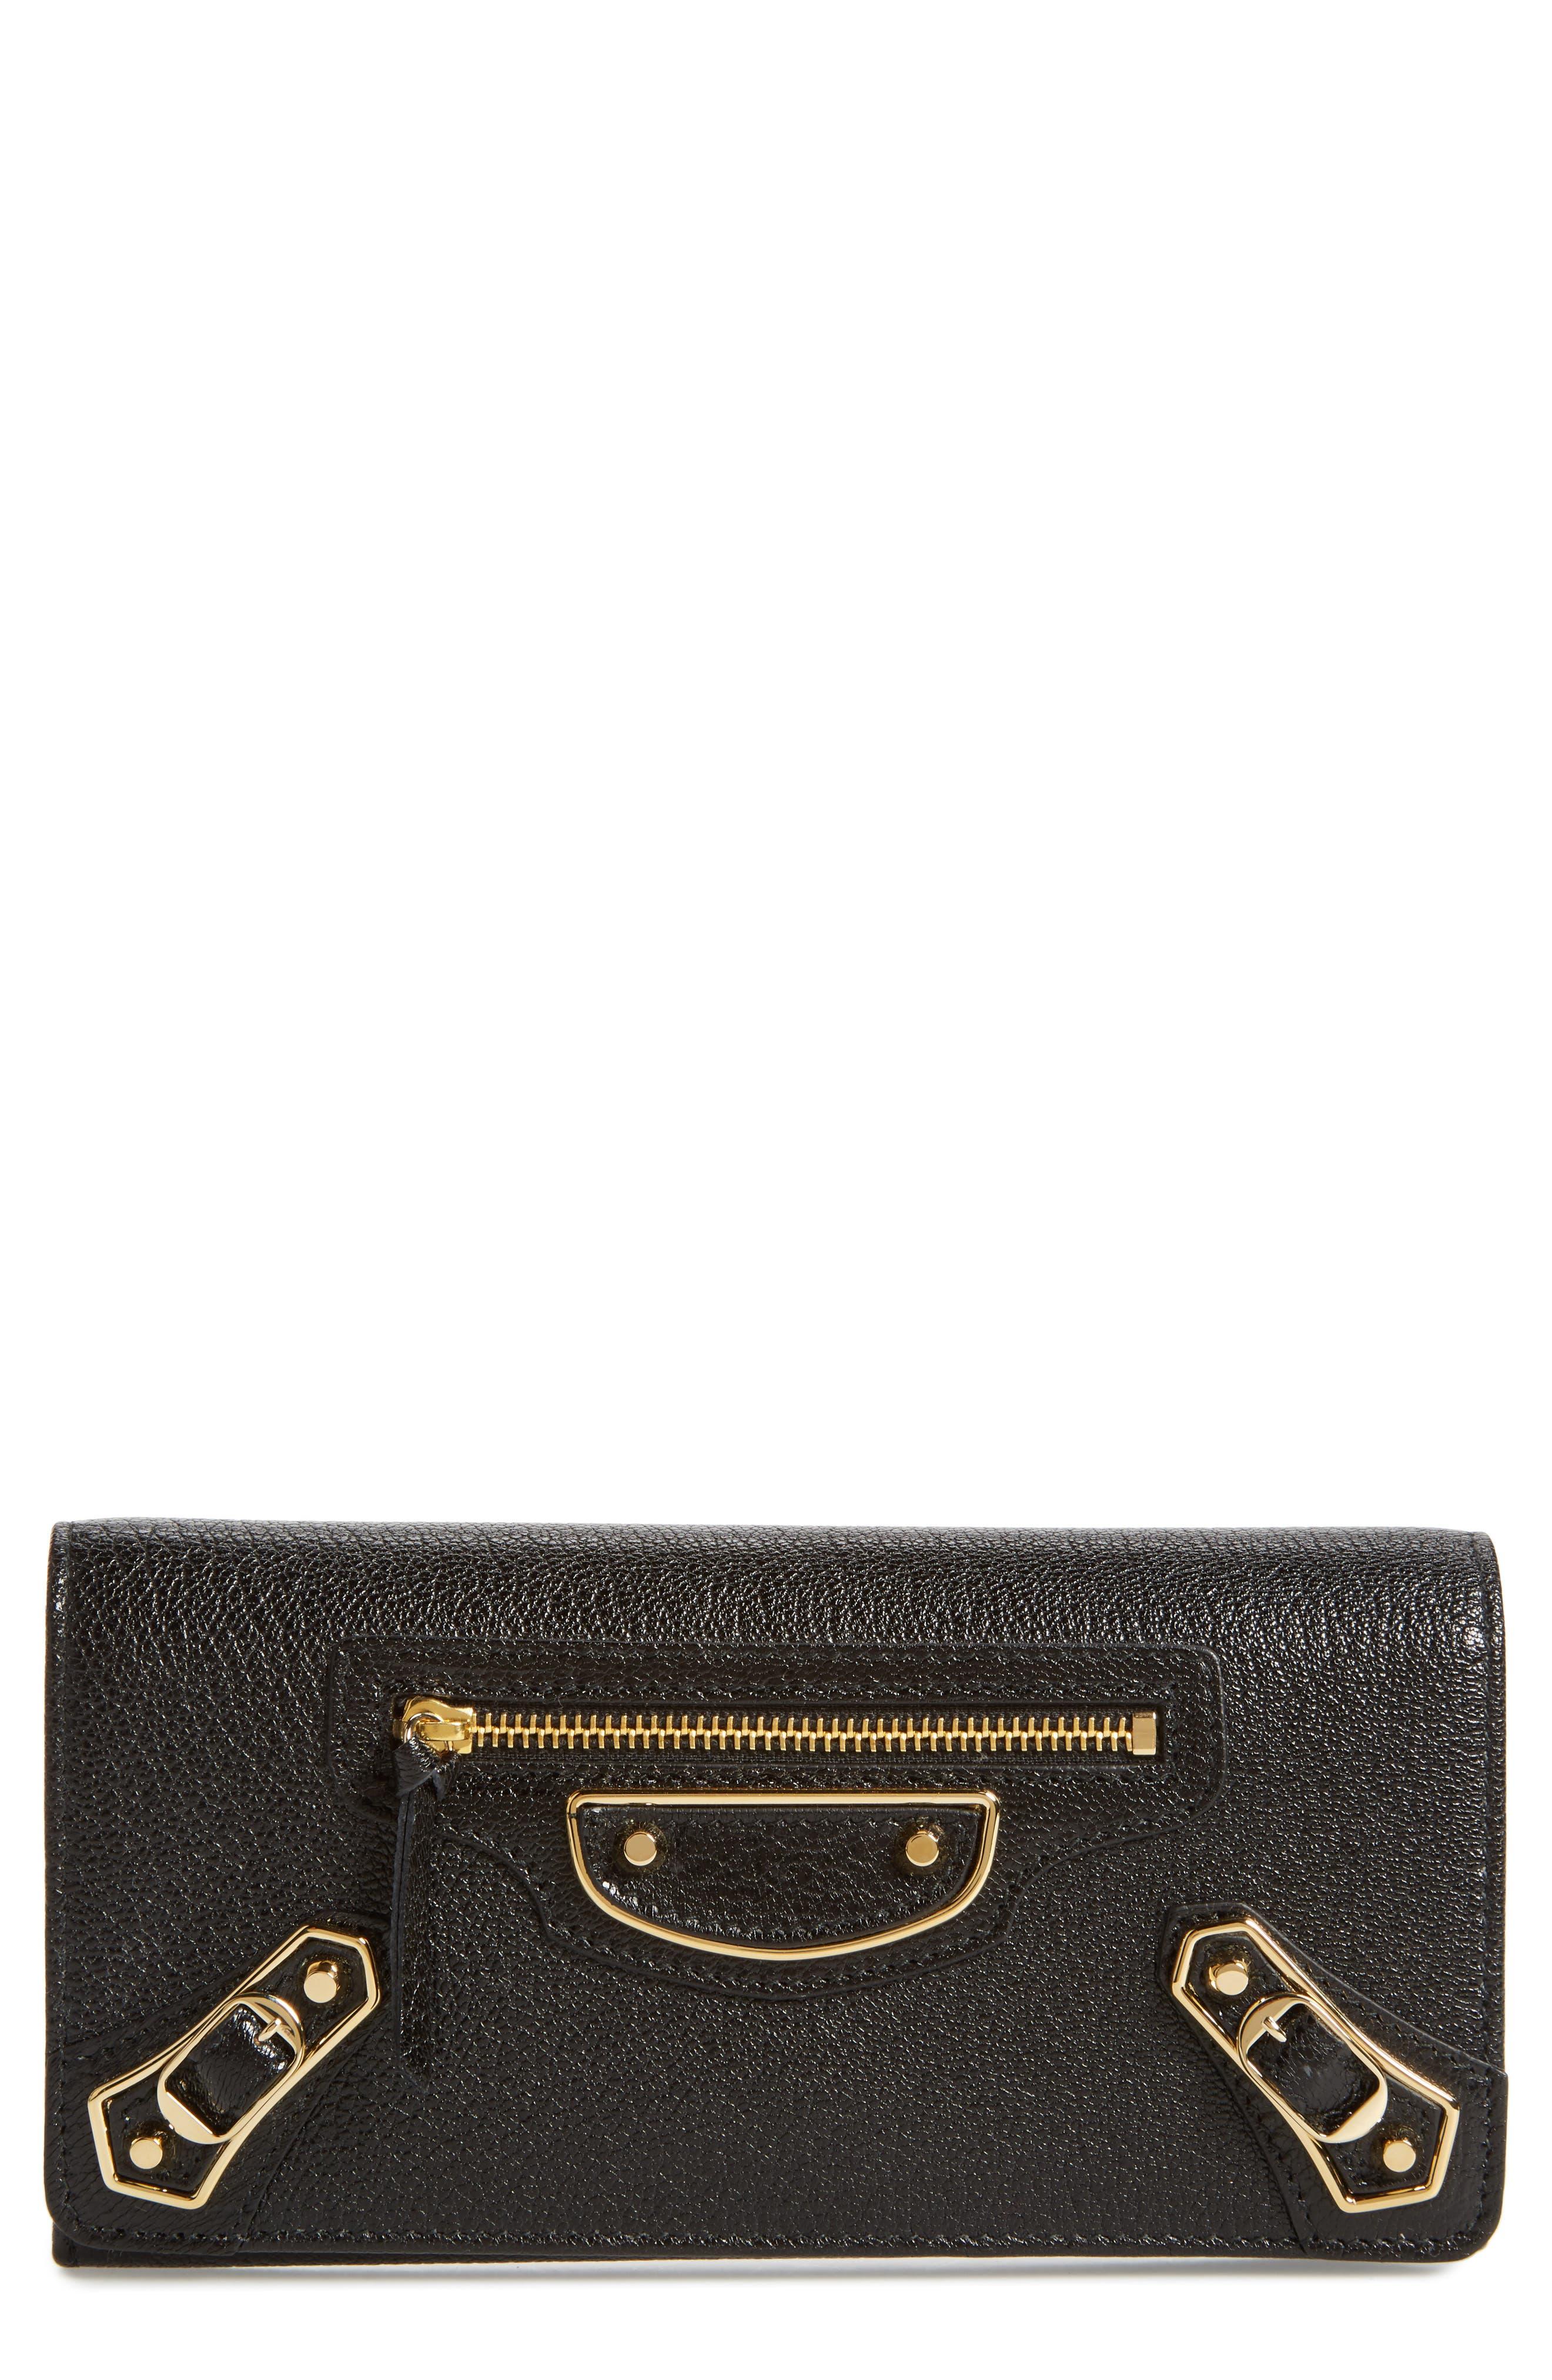 BALENCIAGA PARIS Balenciaga Metallic Edge Leather Wallet